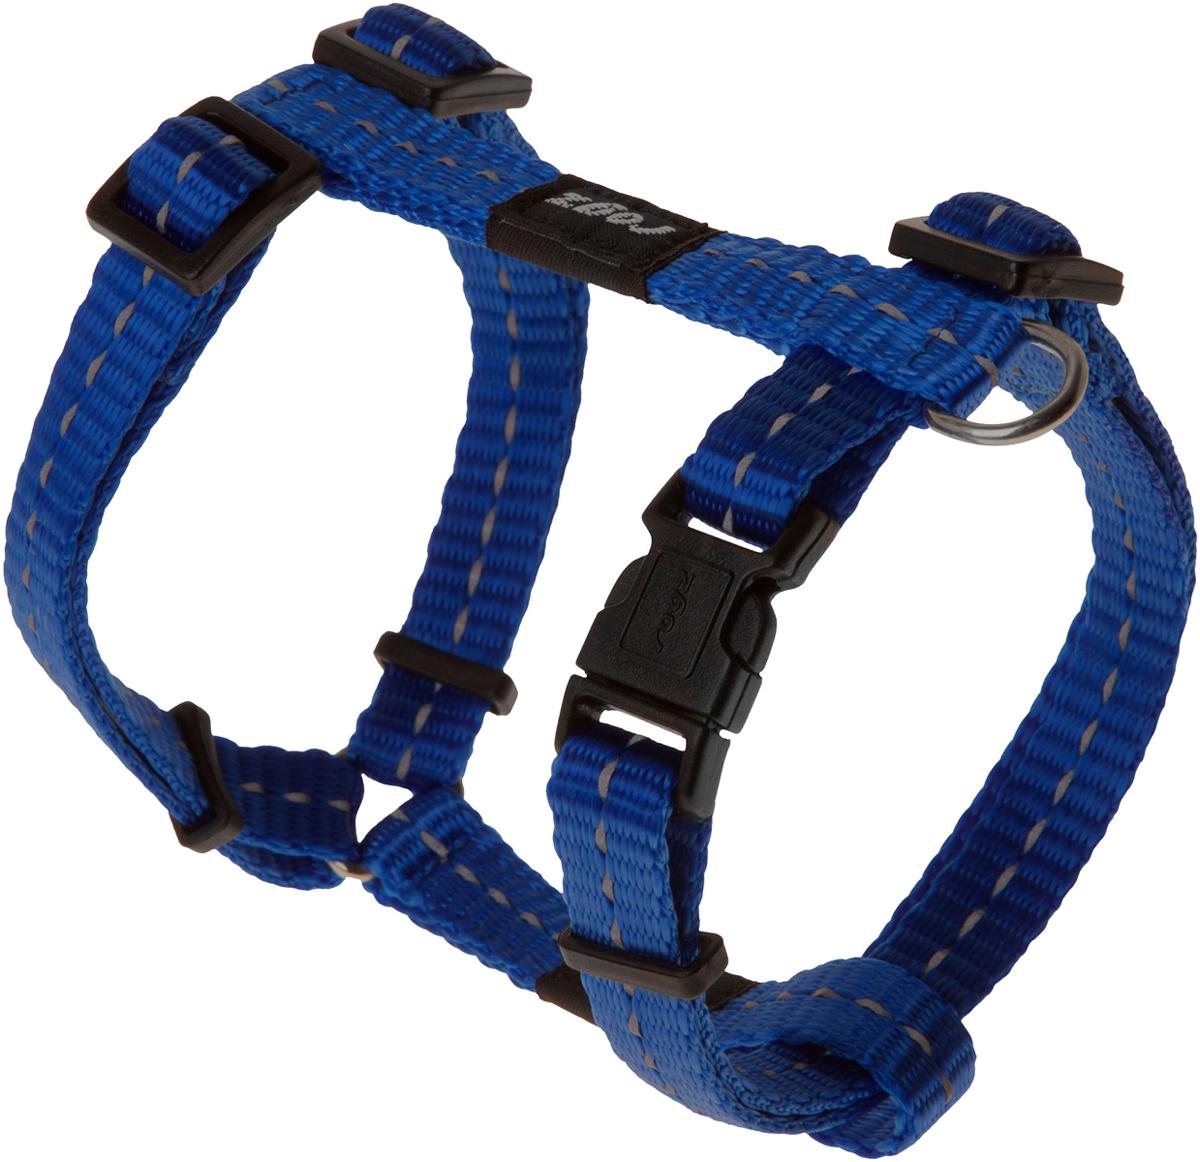 Шлейка для собак Rogz Utility, цвет: синий, ширина 1,1 см. Размер SSJ12CCШлейка для собак Rogz Utility со светоотражающей нитью, вплетенной в нейлоновую ленту, обеспечивает лучшую видимость собаки в темное время суток. Специальная конструкция пряжки Rog Loc - очень крепкая (система Fort Knox). Замок может быть расстегнут только рукой человека. Технология распределения нагрузки позволяет снизить нагрузку на пряжки, изготовленные из титанового пластика, с помощью правильного и разумного расположения грузовых колец, благодаря чему, даже при самых сильных рывках, изделие не рвется и не деформируется.Выполненные специально по заказу ROGZ литые кольца гальванически хромированы, что позволяет избежать коррозии и потускнения изделия.